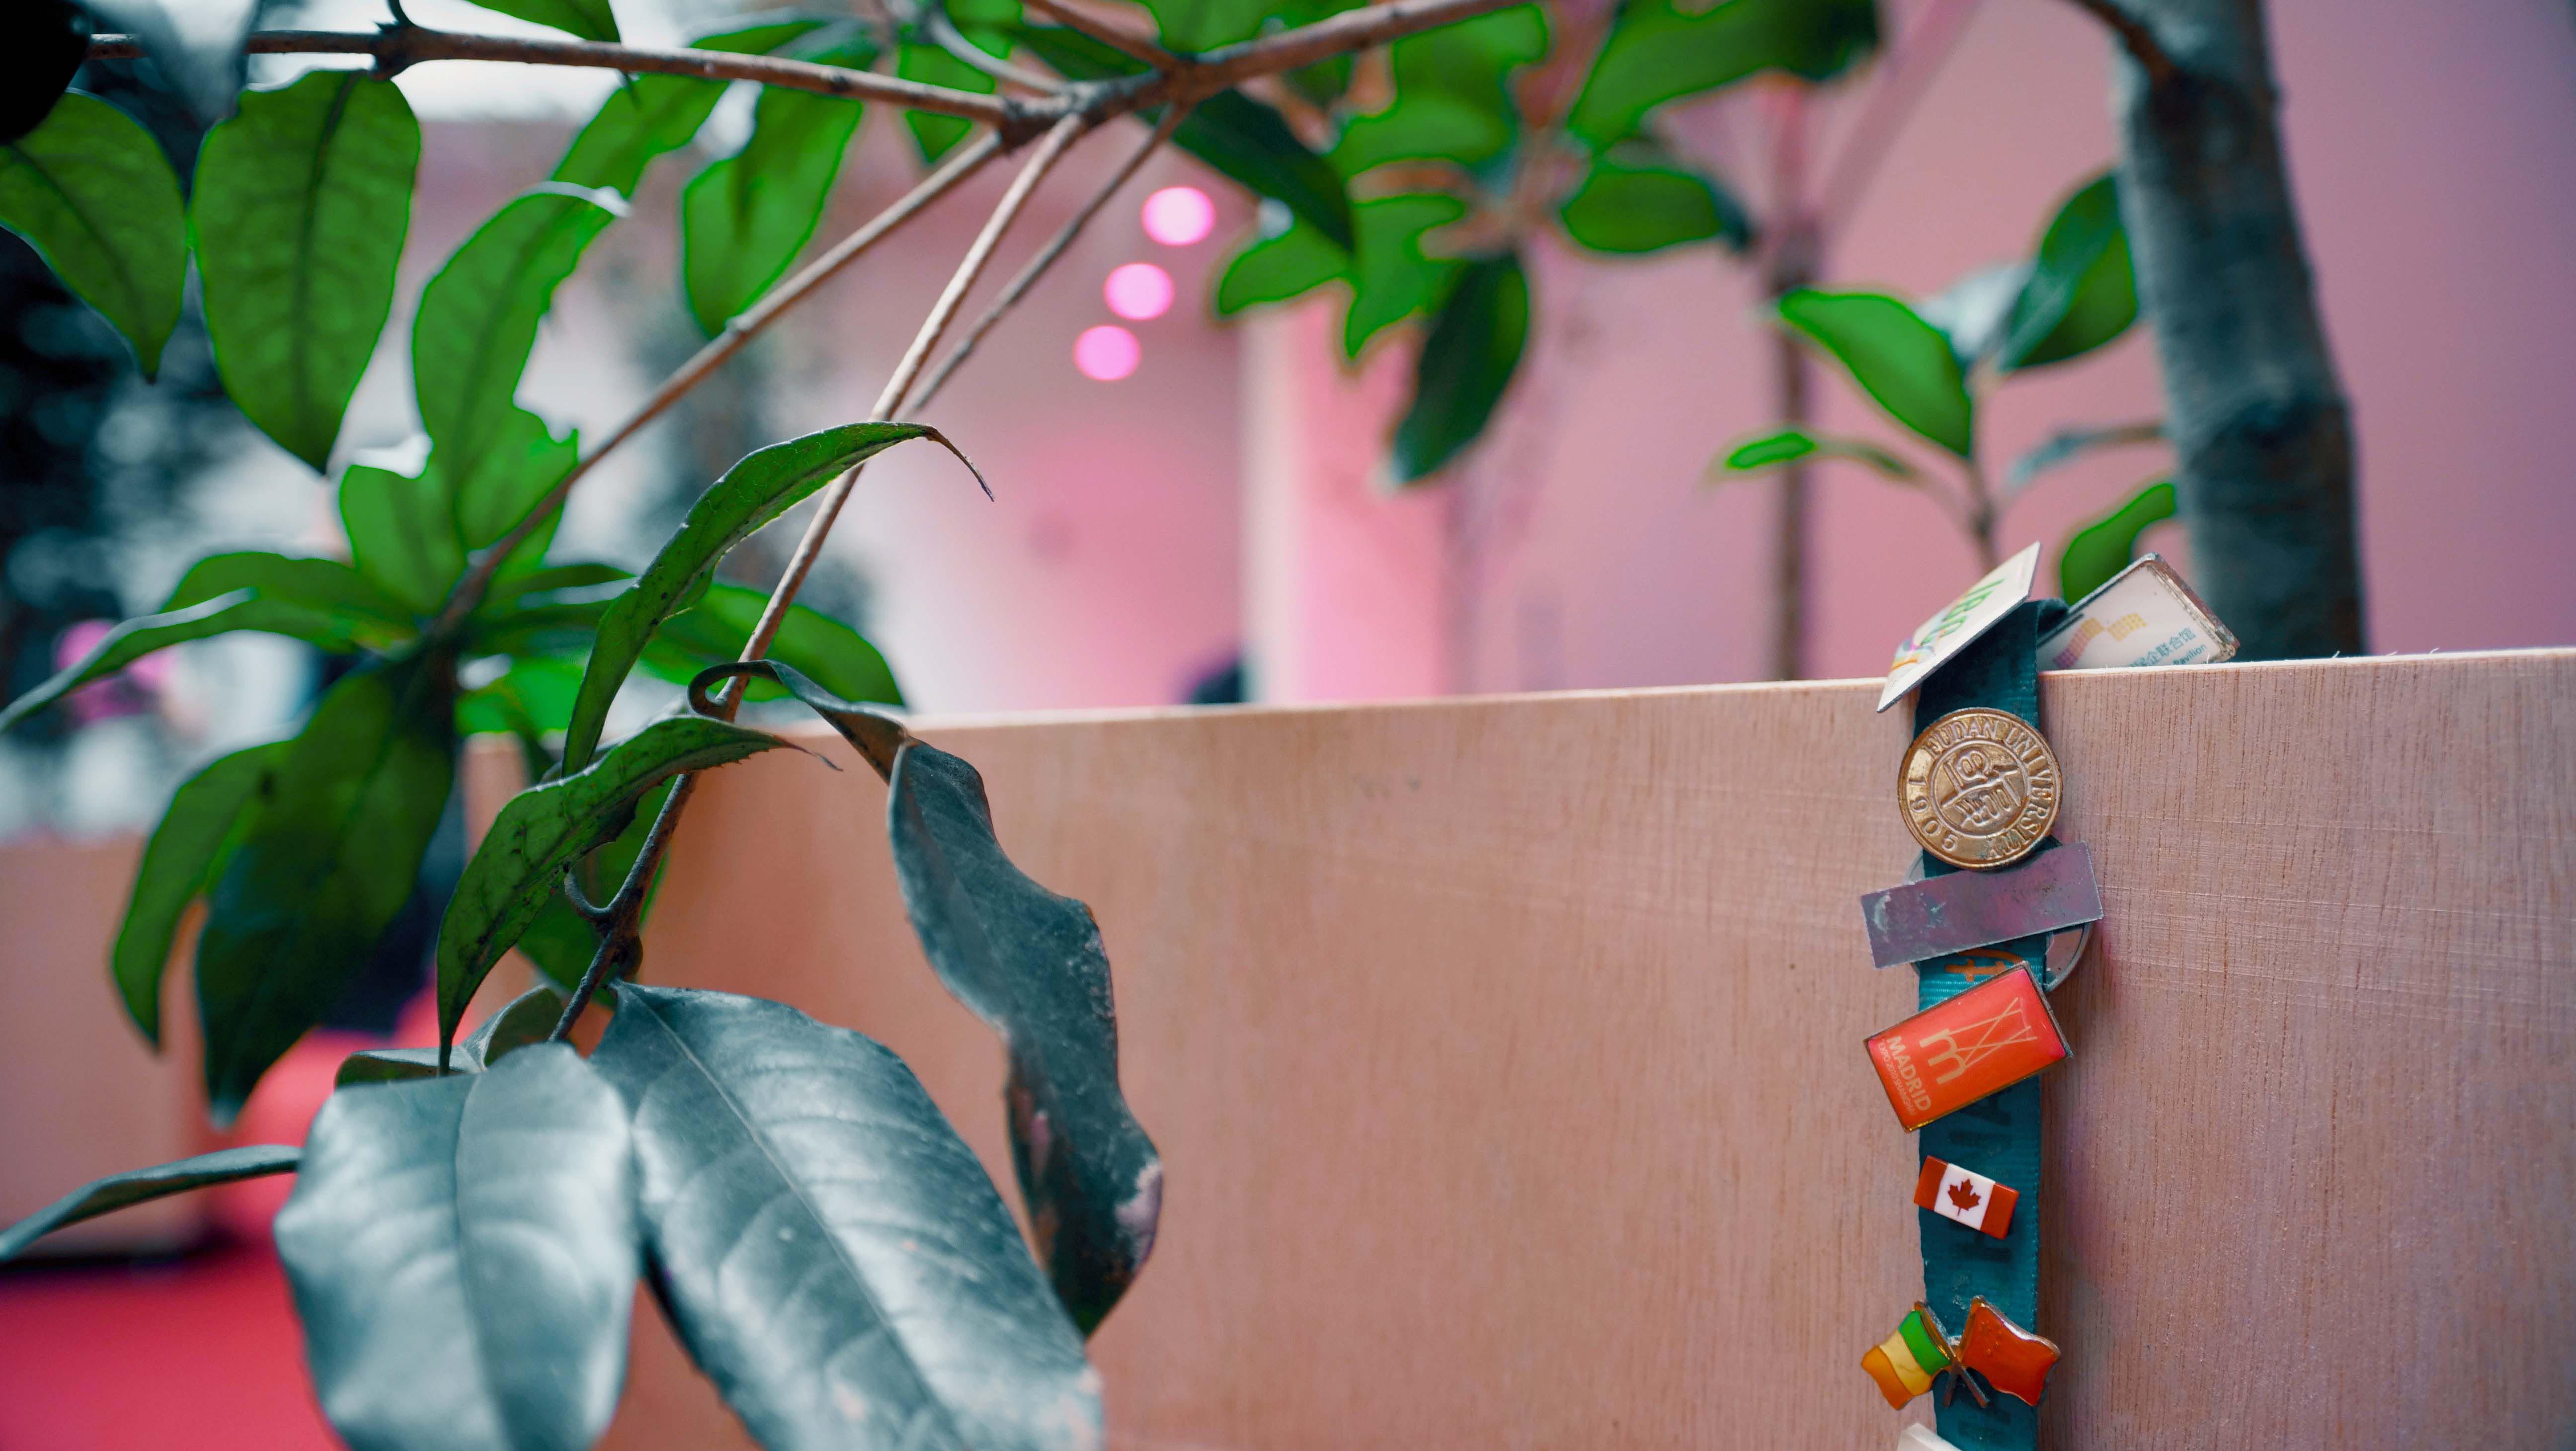 【新闻图片】劳斯莱斯汽车携手外滩美术馆展现阿萨德·拉扎装置艺术作品《根序列。母语》1